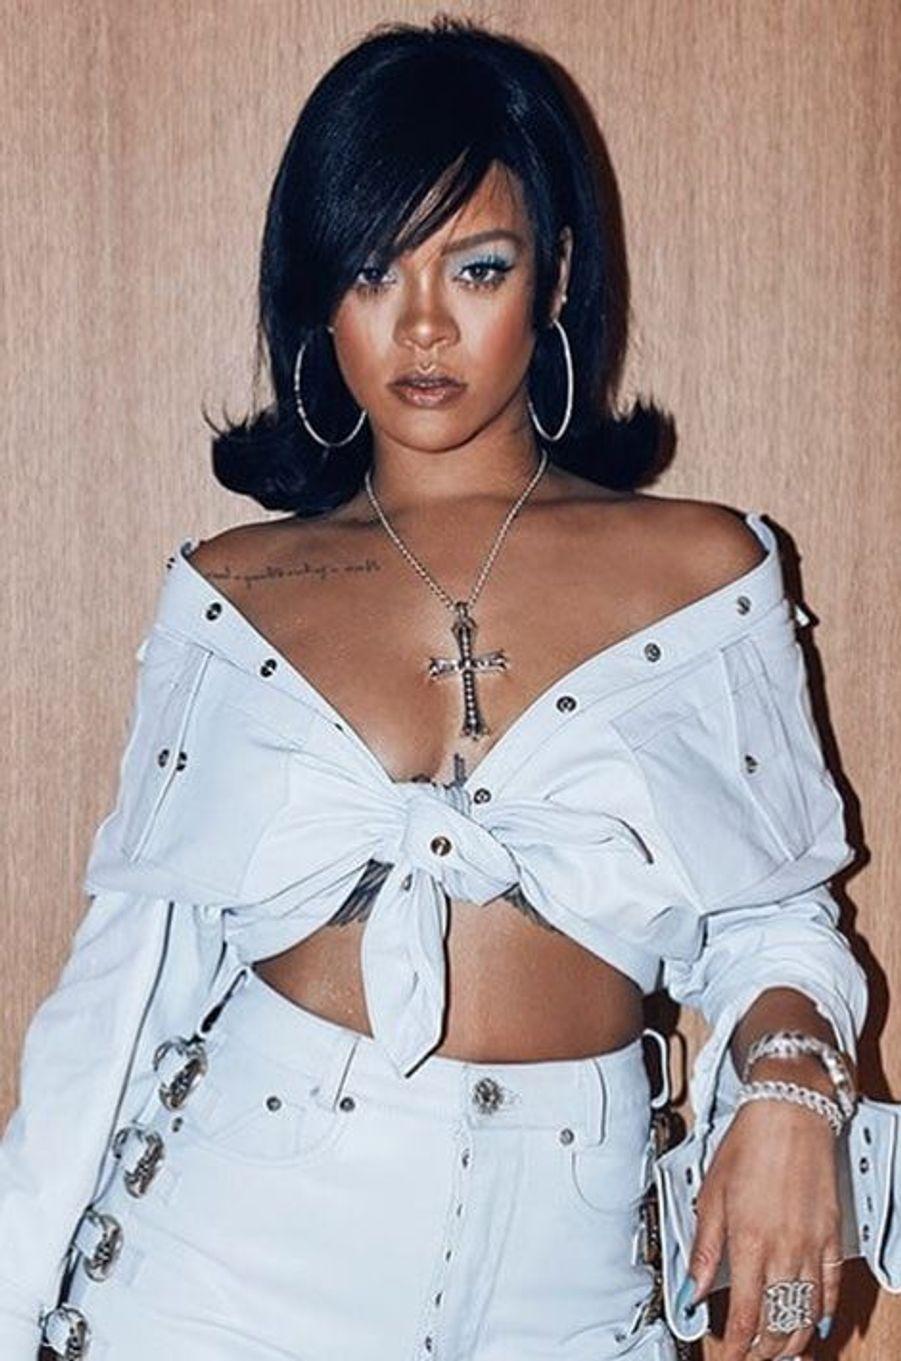 Les looks hallucinants de Rihanna à Coachella.